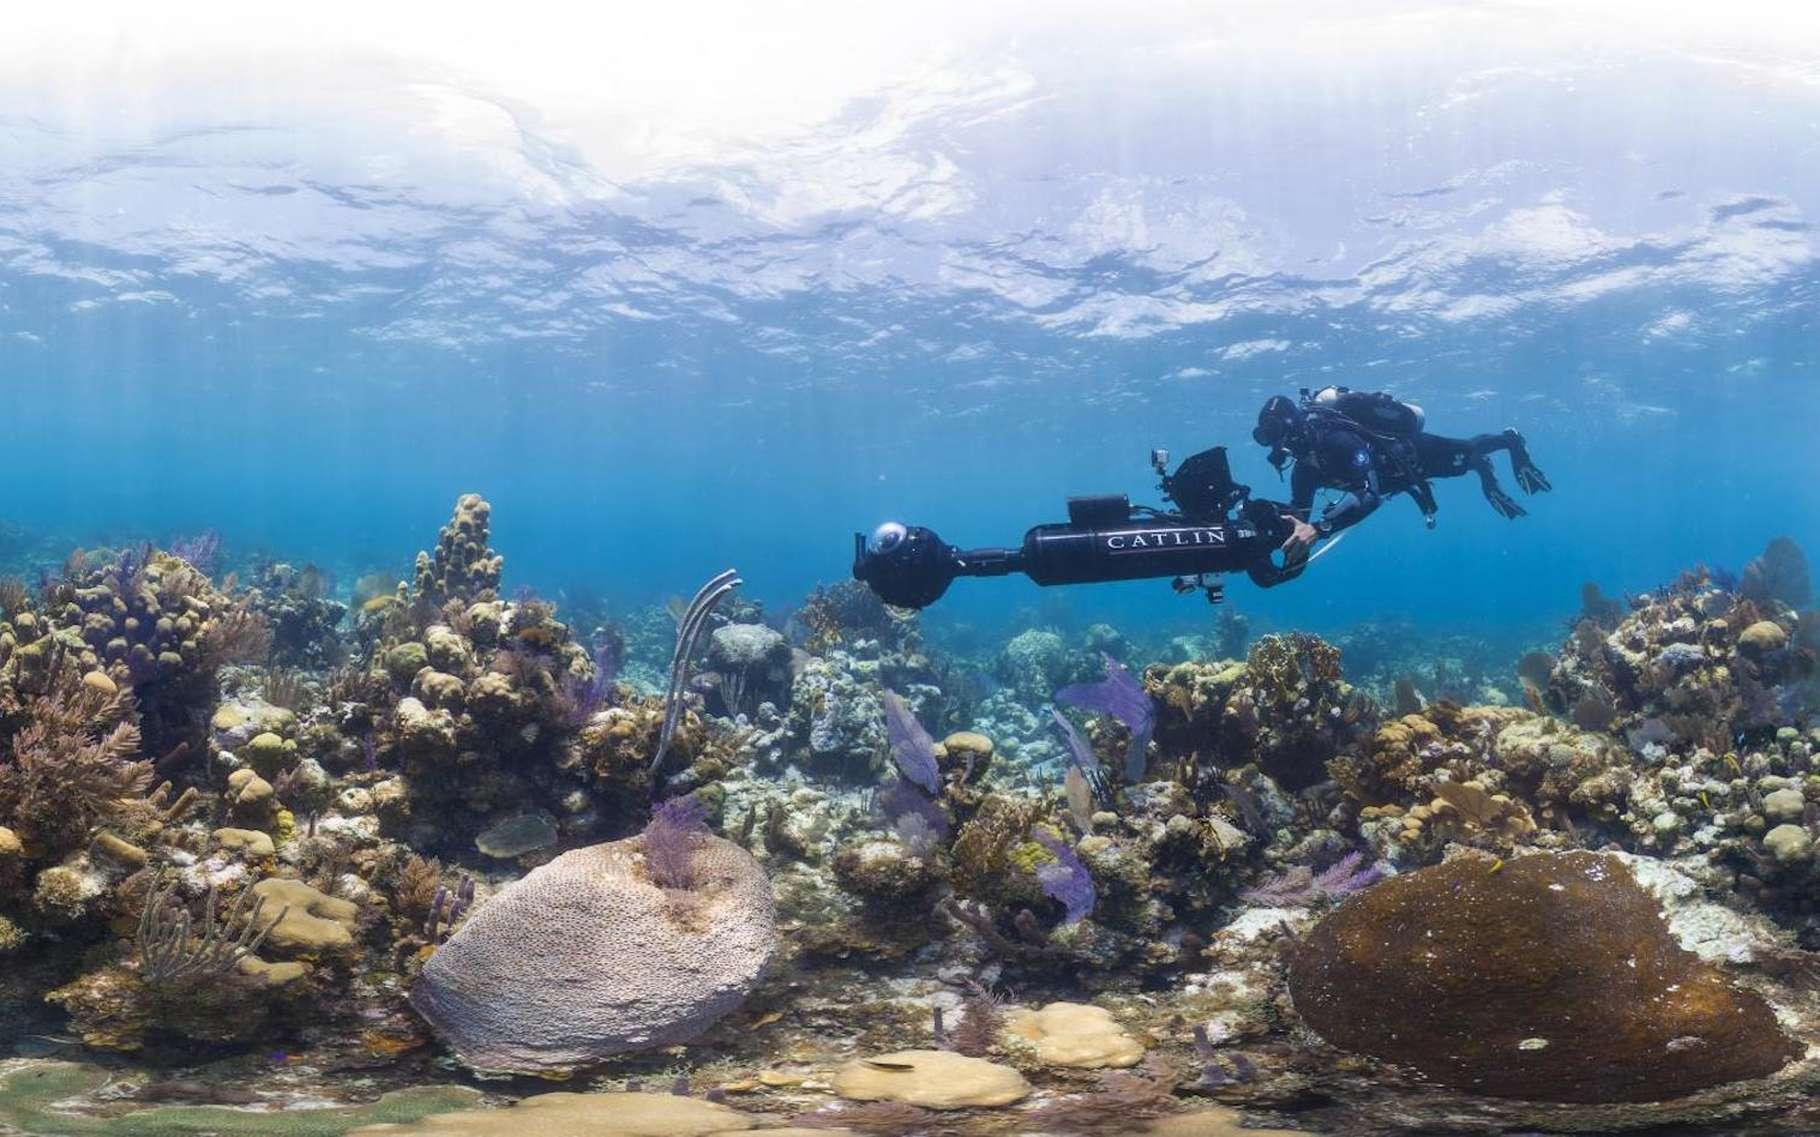 Prise de vue sur le récif corallien de l'île Glover, dans les Cayes du Belize, un archipel de la mer des Caraïbes. Ce drôle d'appareil photographique permet de réaliser un outil de promenade virtuelle à la manière d'un Street View. Le programme XL Catlin Seaview Survey (initialement Catlin Seaview Survey), lancé en 2012, étudie les récifs coralliens de la planète. Celui-ci, au Belize, est l'un des plus grands du monde, après celui de la Grande Barrière de corail, en Australie. © The Ocean Agency, XL Catlin Seaview Survey